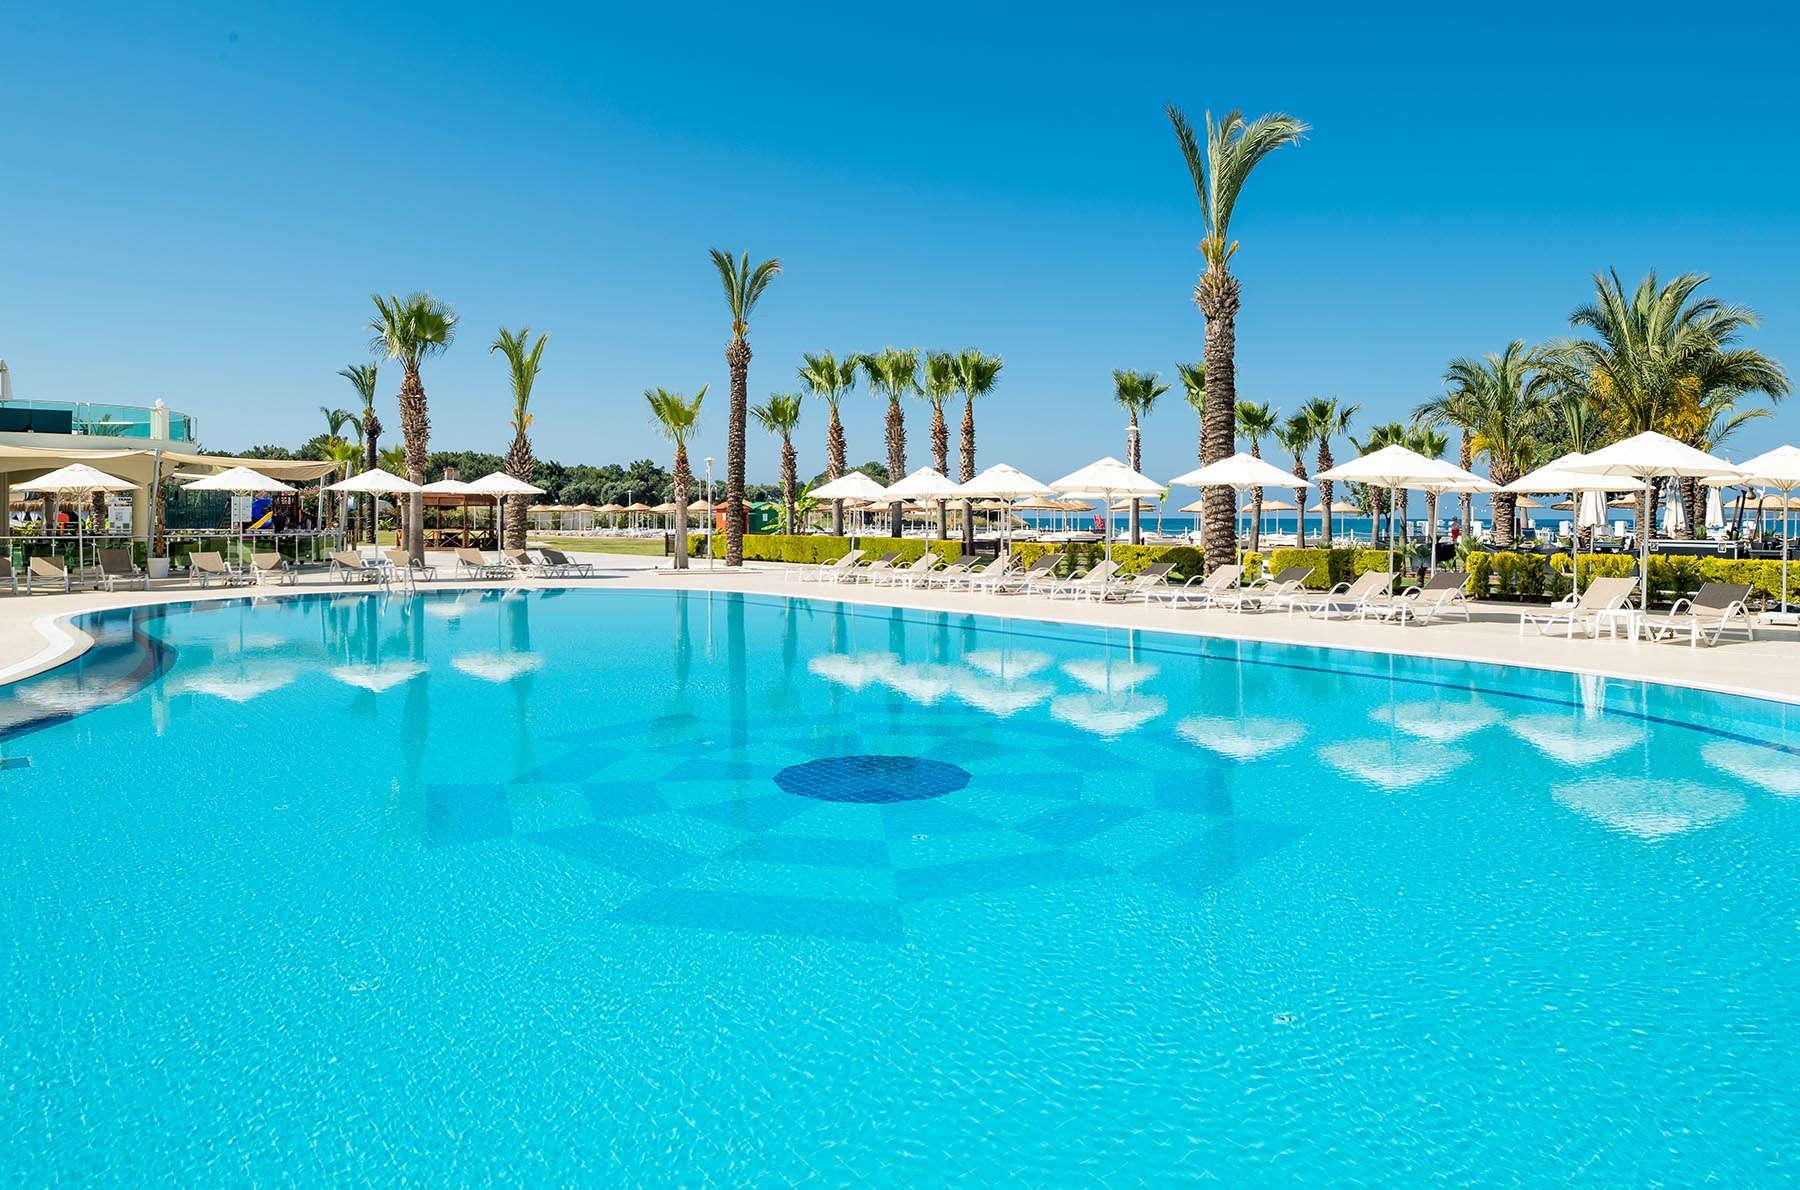 A Spa-tacular Vacation Awaits at Apollonium Spa & Beach Resort in Turkey